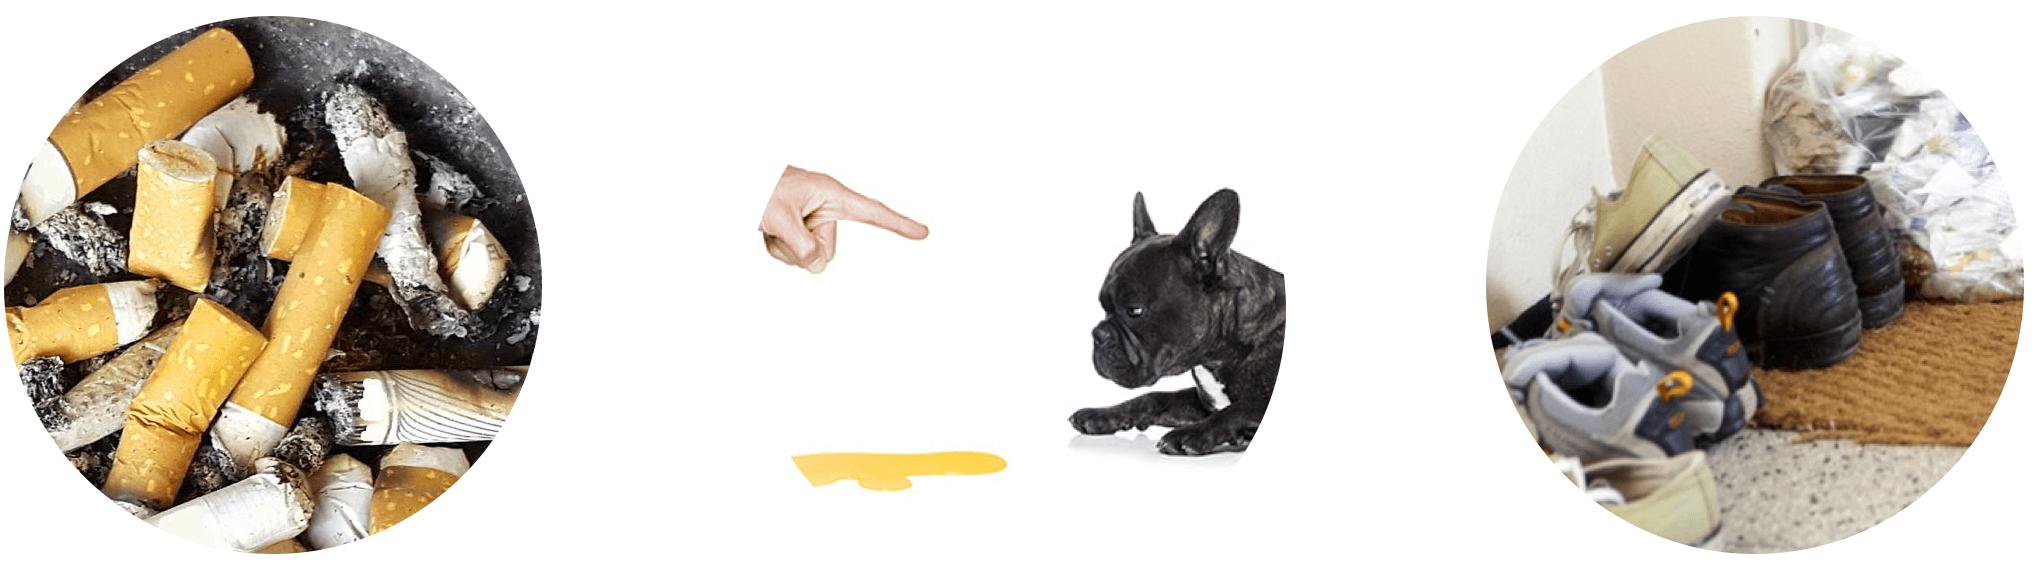 Ozongenerator gegen Gestank Kleidung Hundehaare Tierhaare